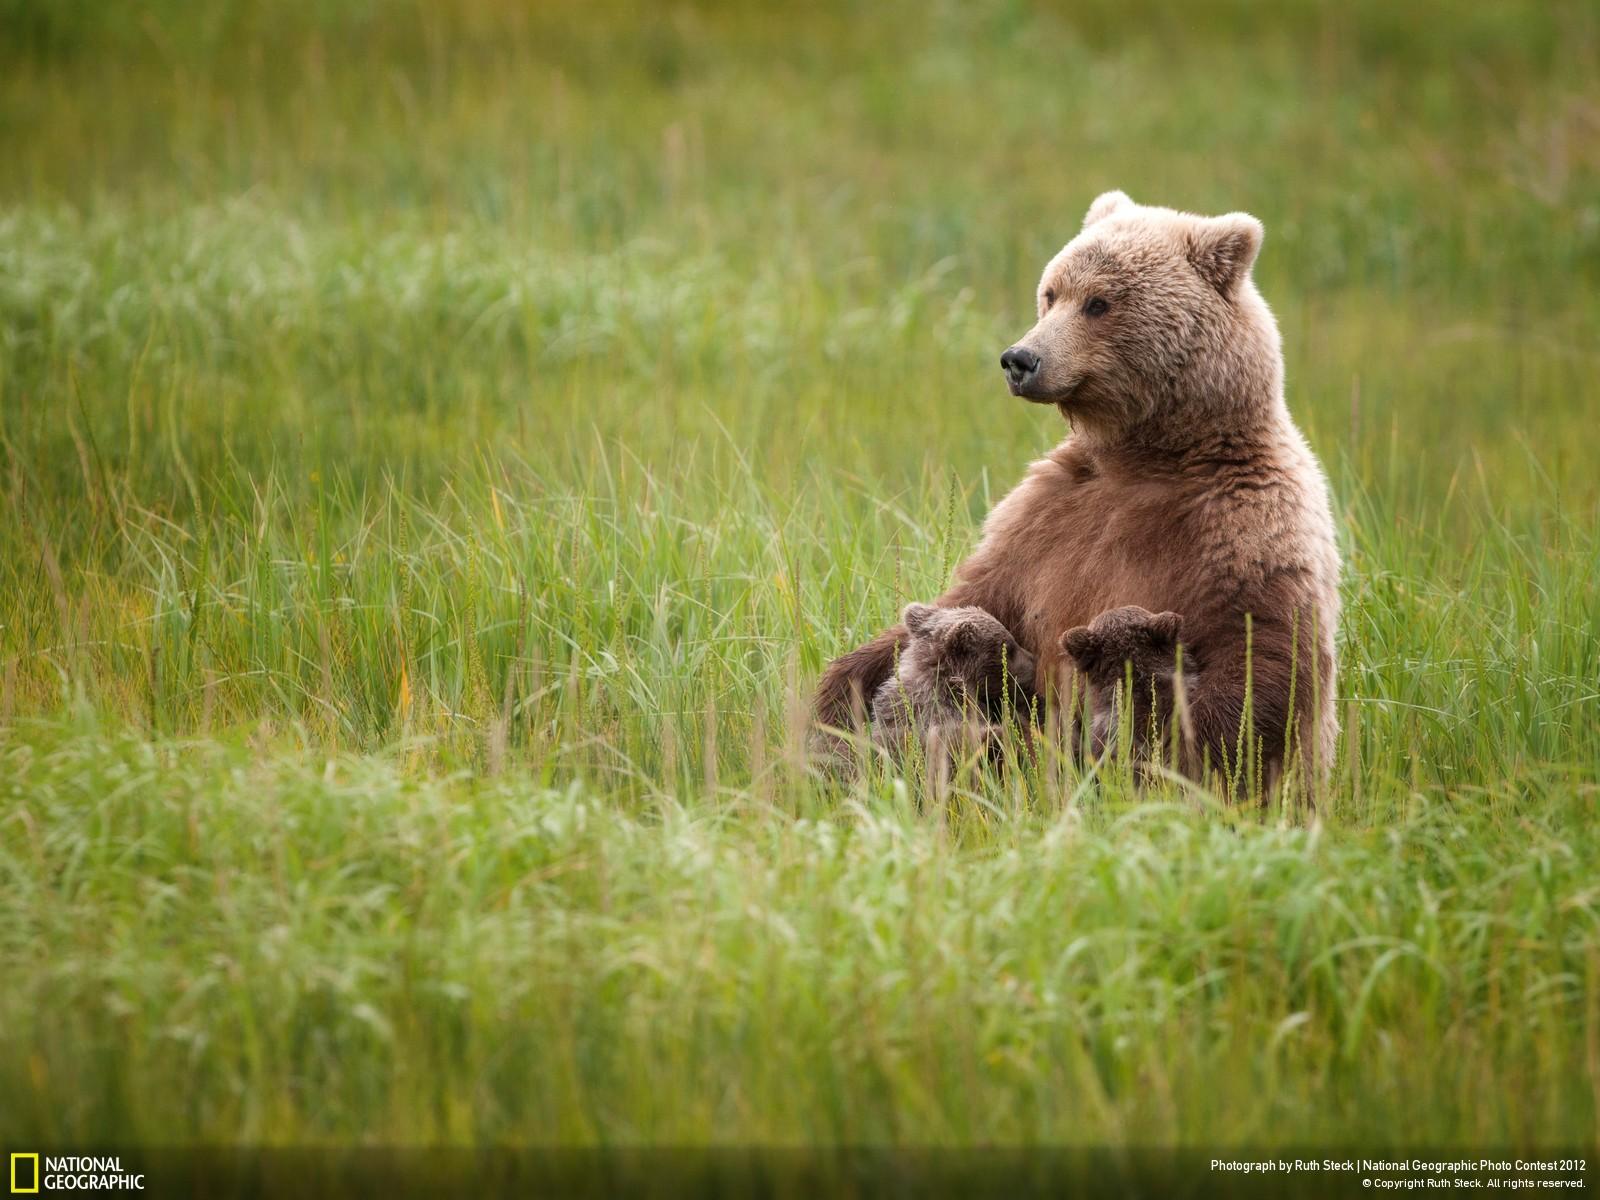 32 Лучшие фотографии за 2012 год по версии National Geographic